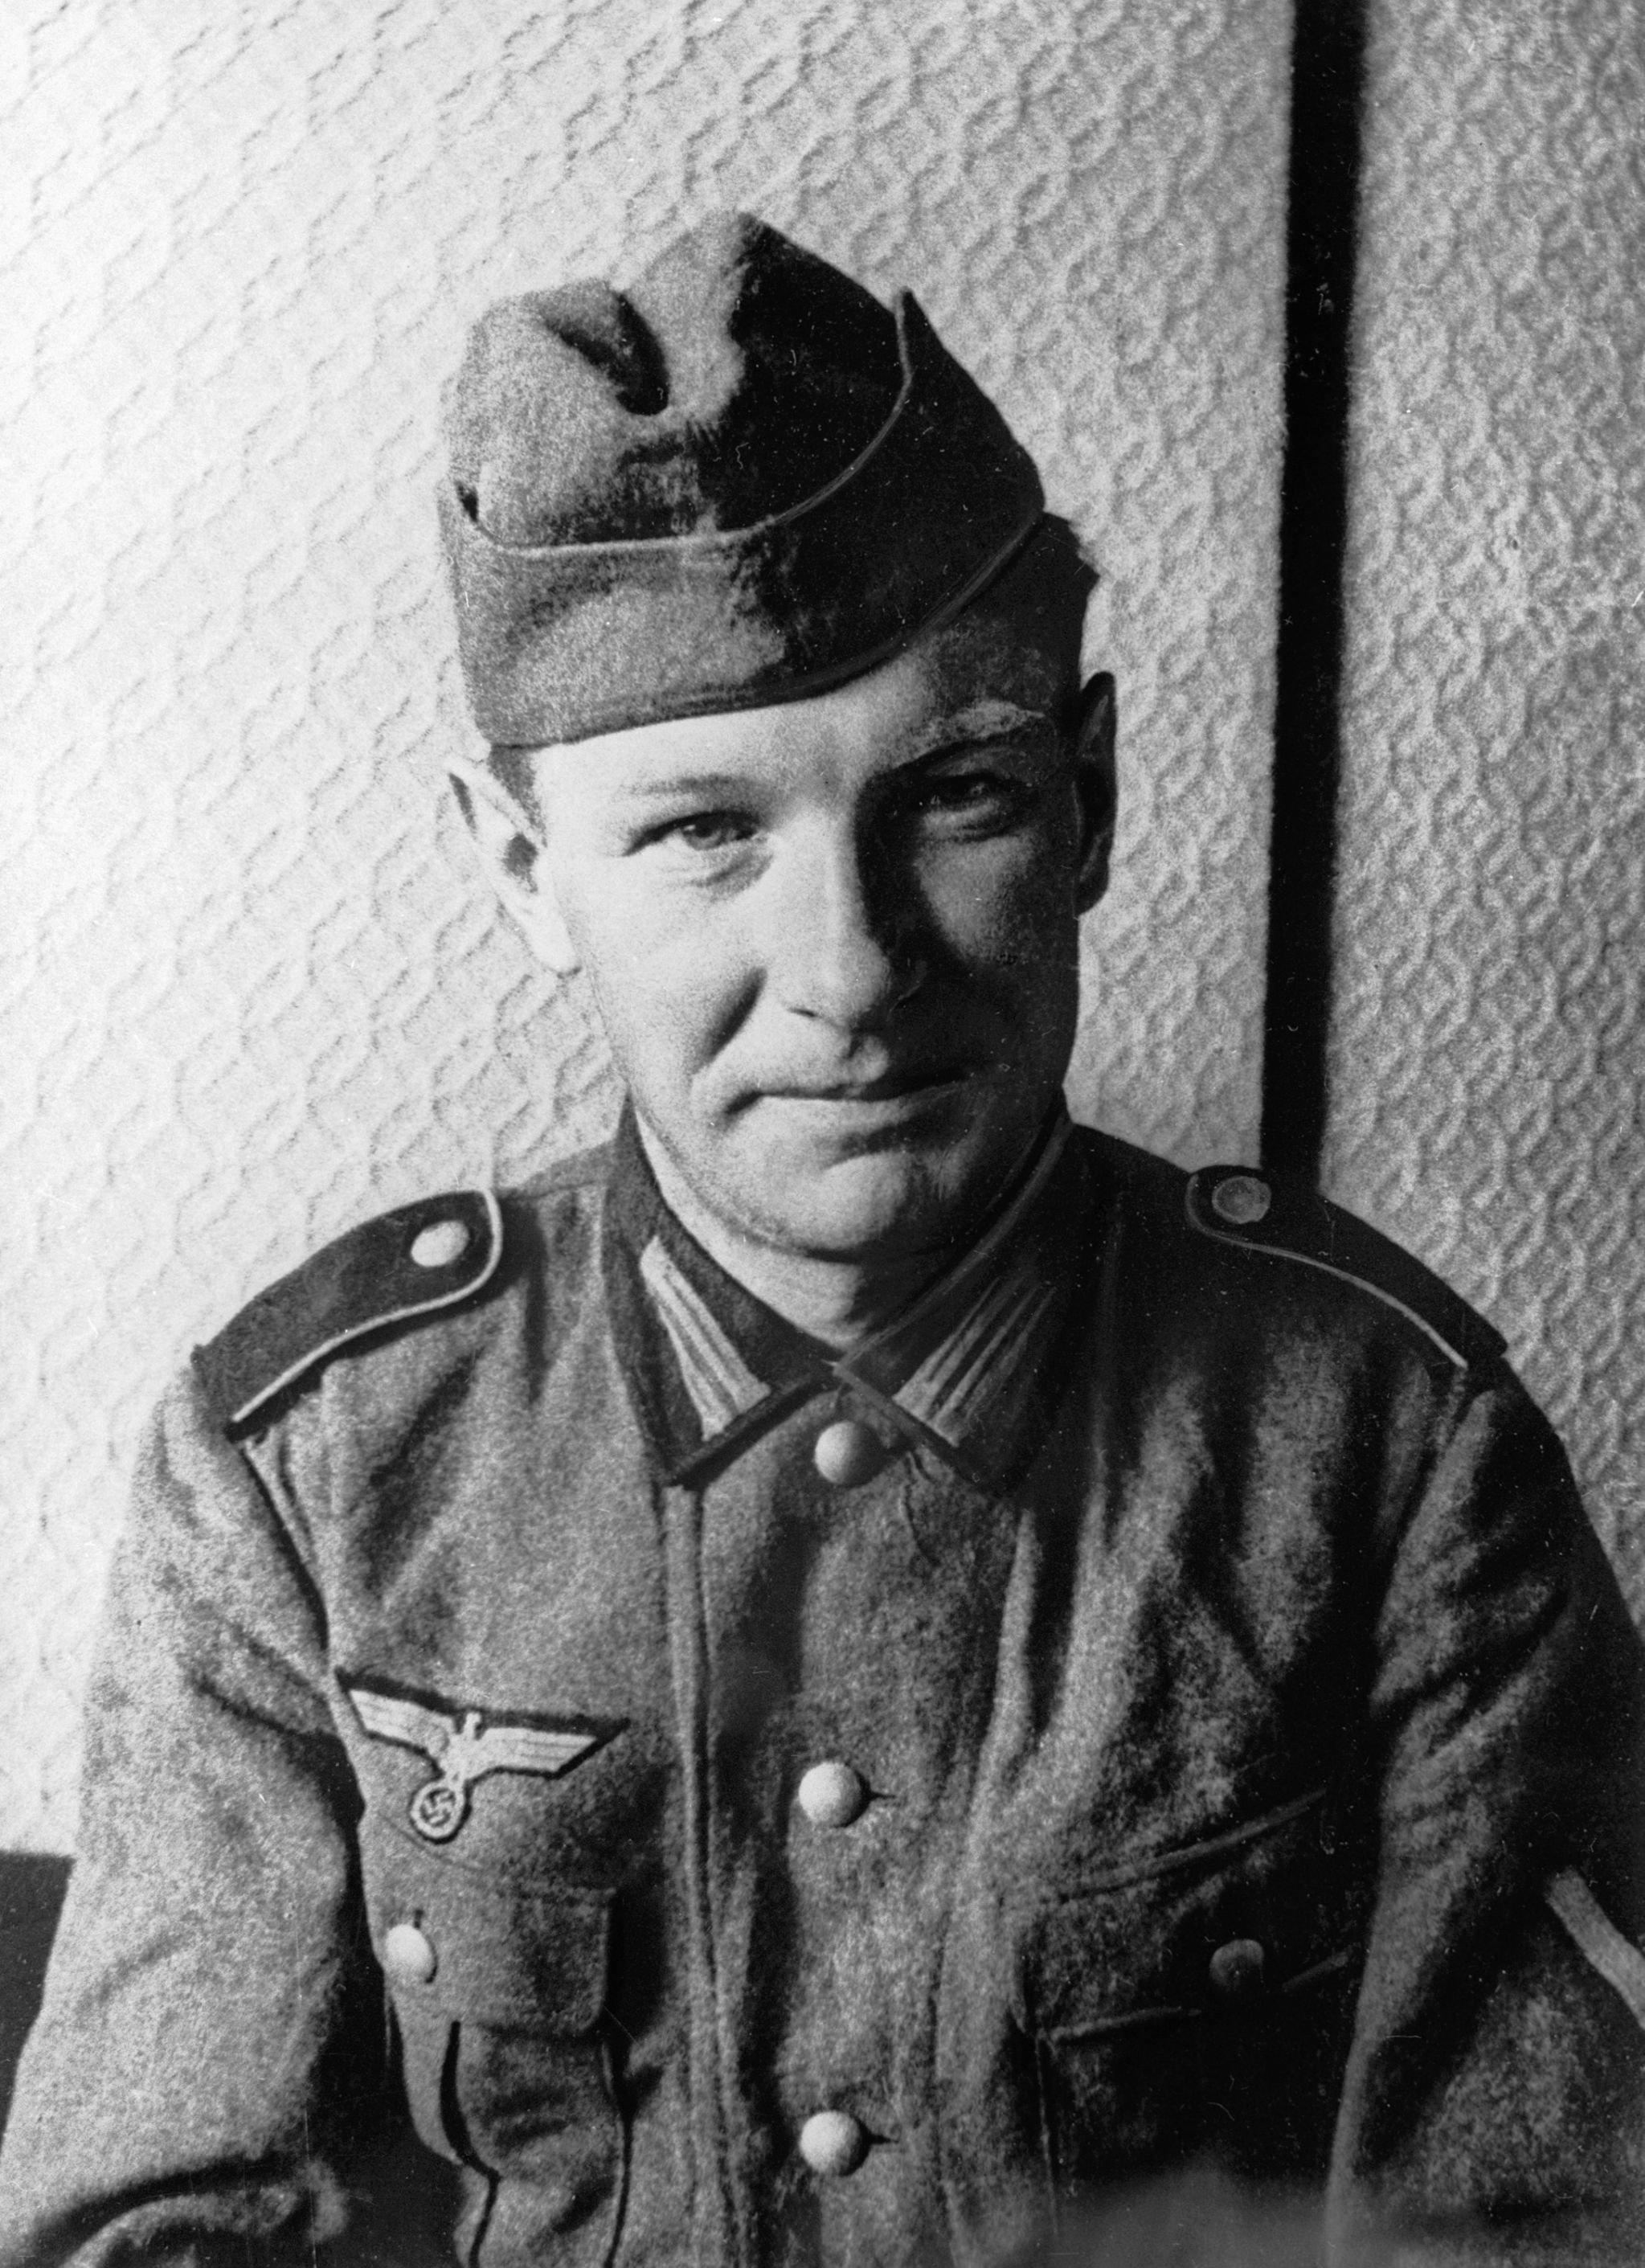 Albert Liskov